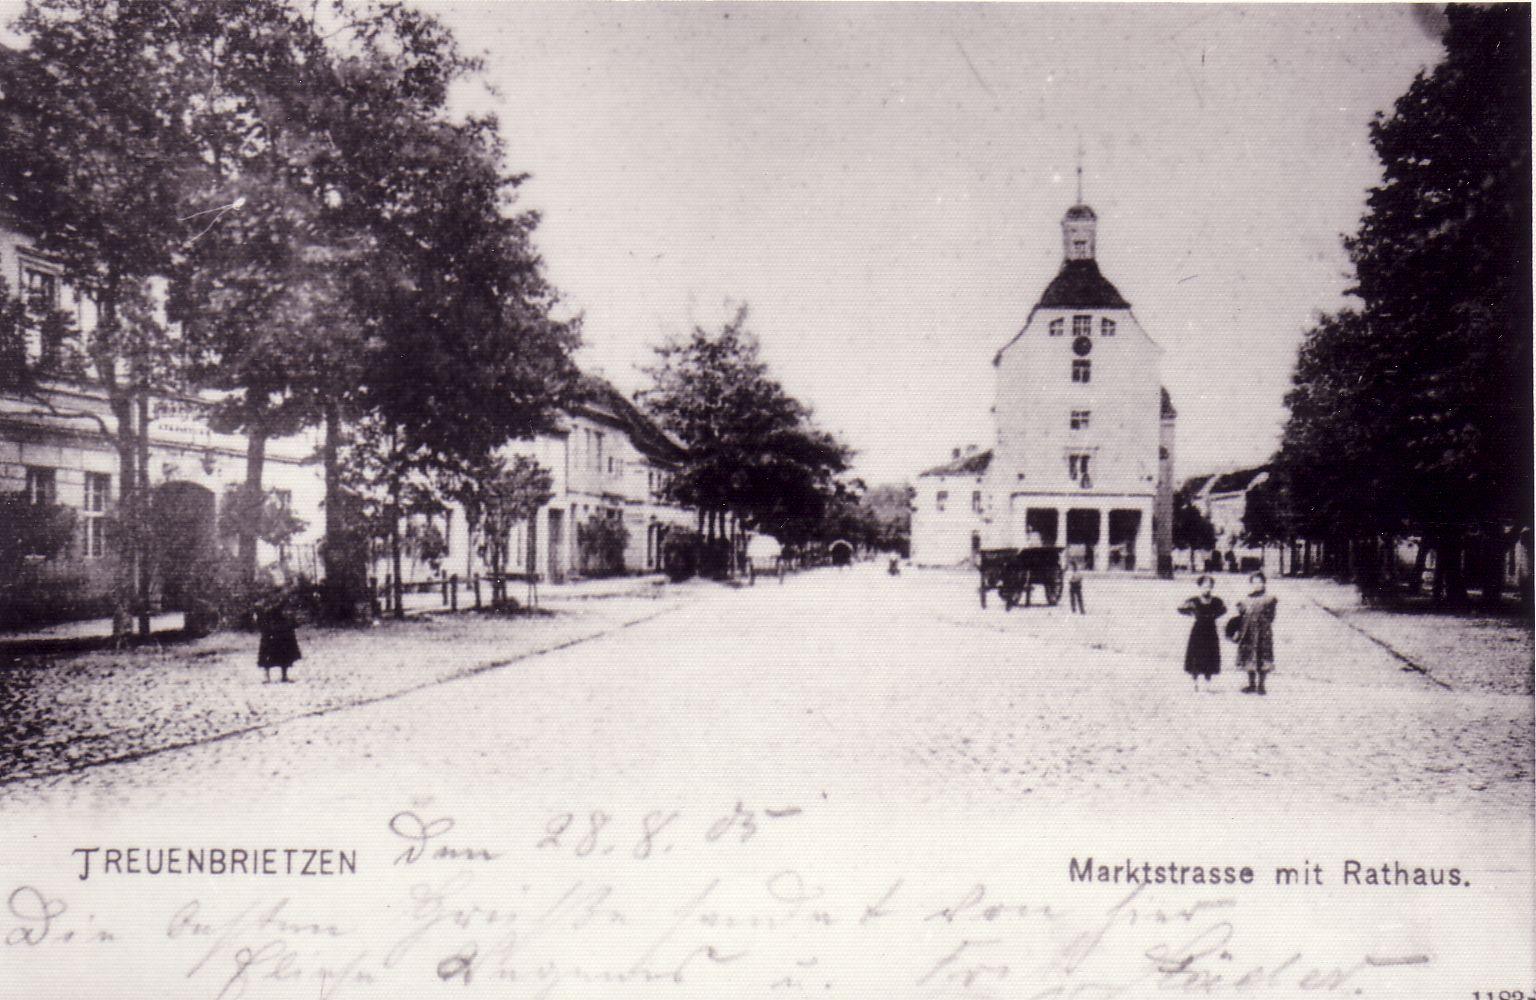 Treuenbrietzen_Markt_Rathaus_1905